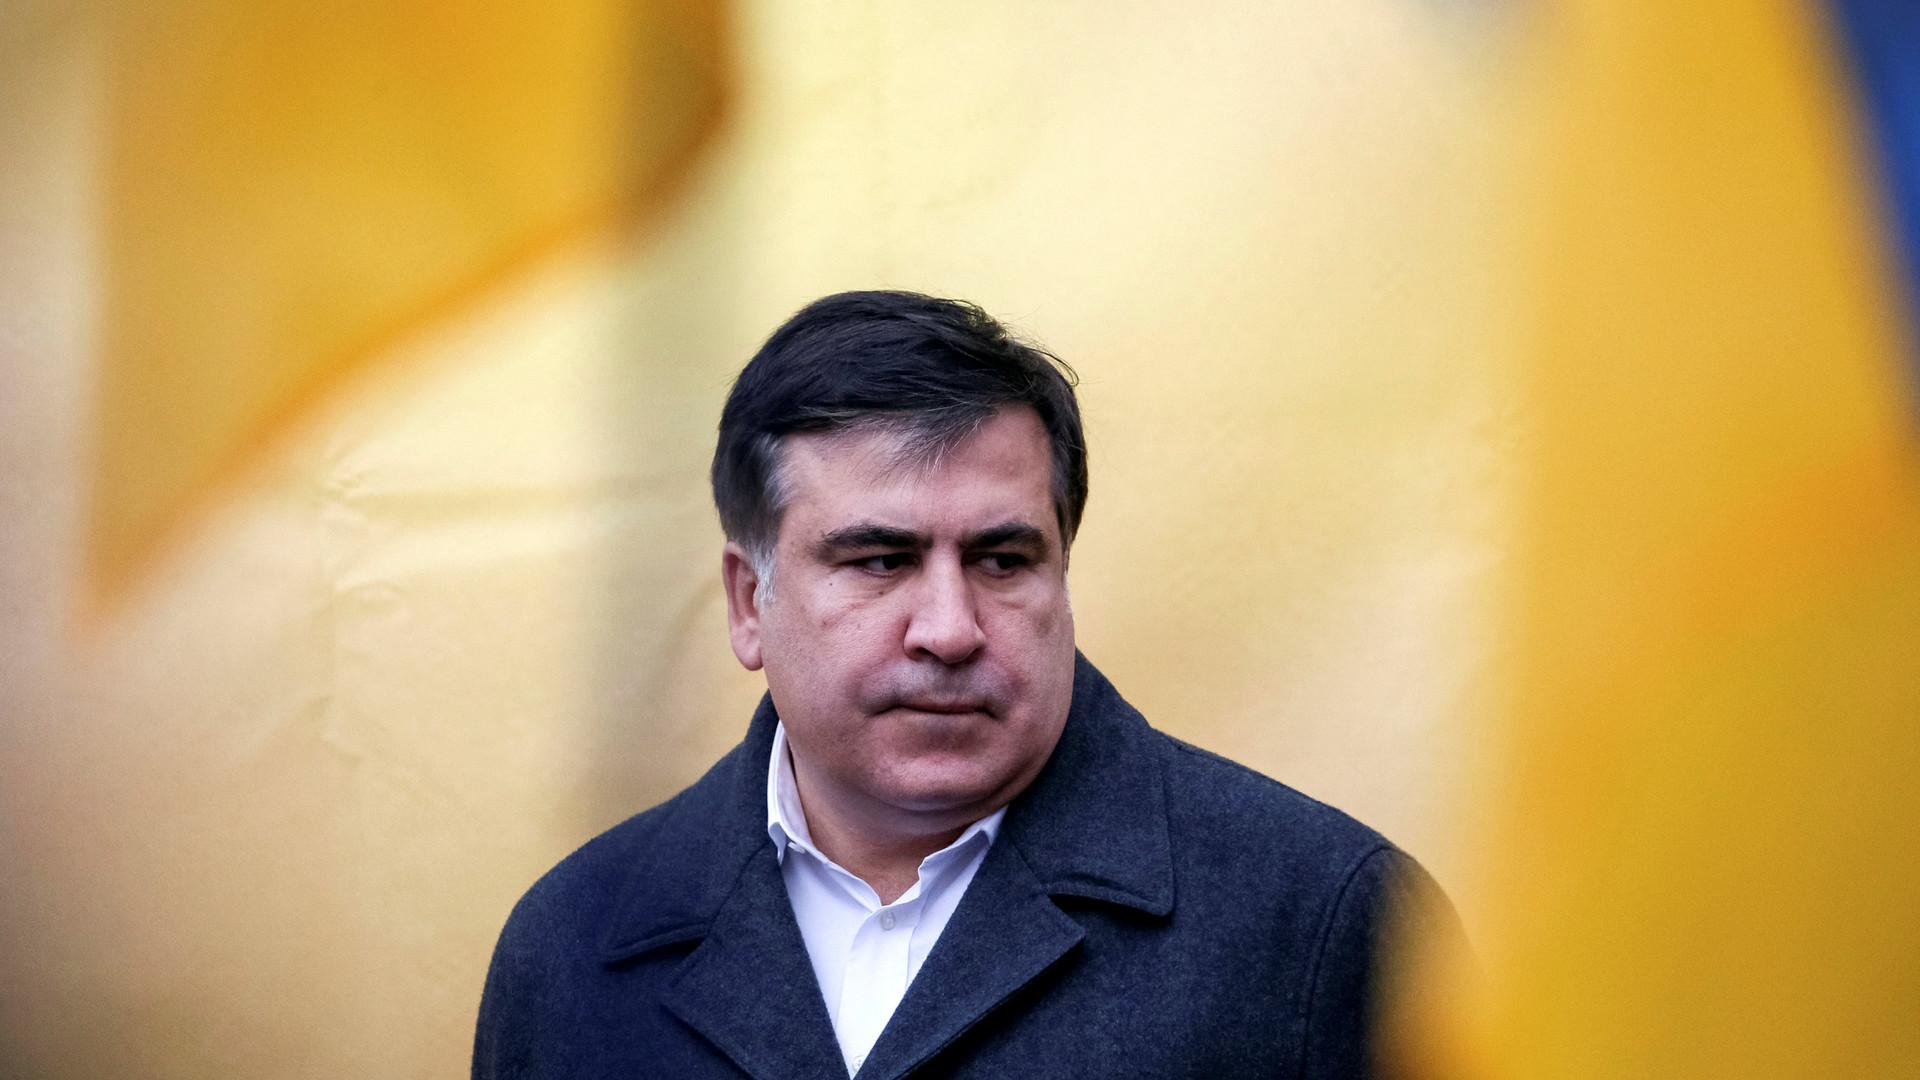 Штатный режим: лишившийся украинского гражданства Саакашвили не может выехать из США